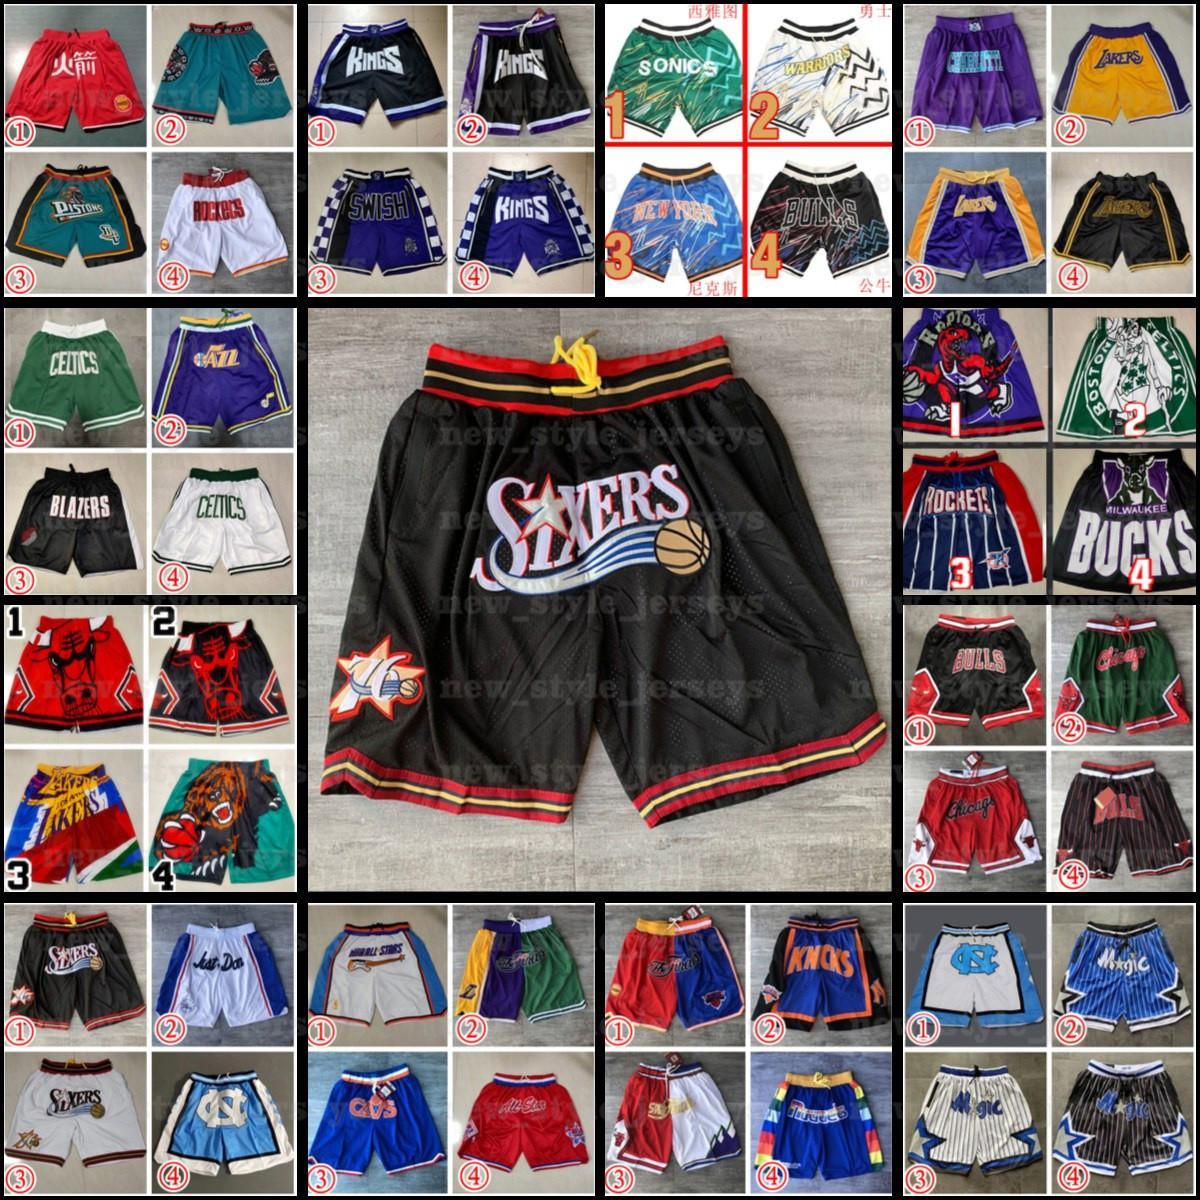 2021 جديد فقط ميتشل نيس دون مطبوعة السراويل جيب كرة السلة أصيلة pantalones الأسرع من السراويل الجيب الرجعية XX1